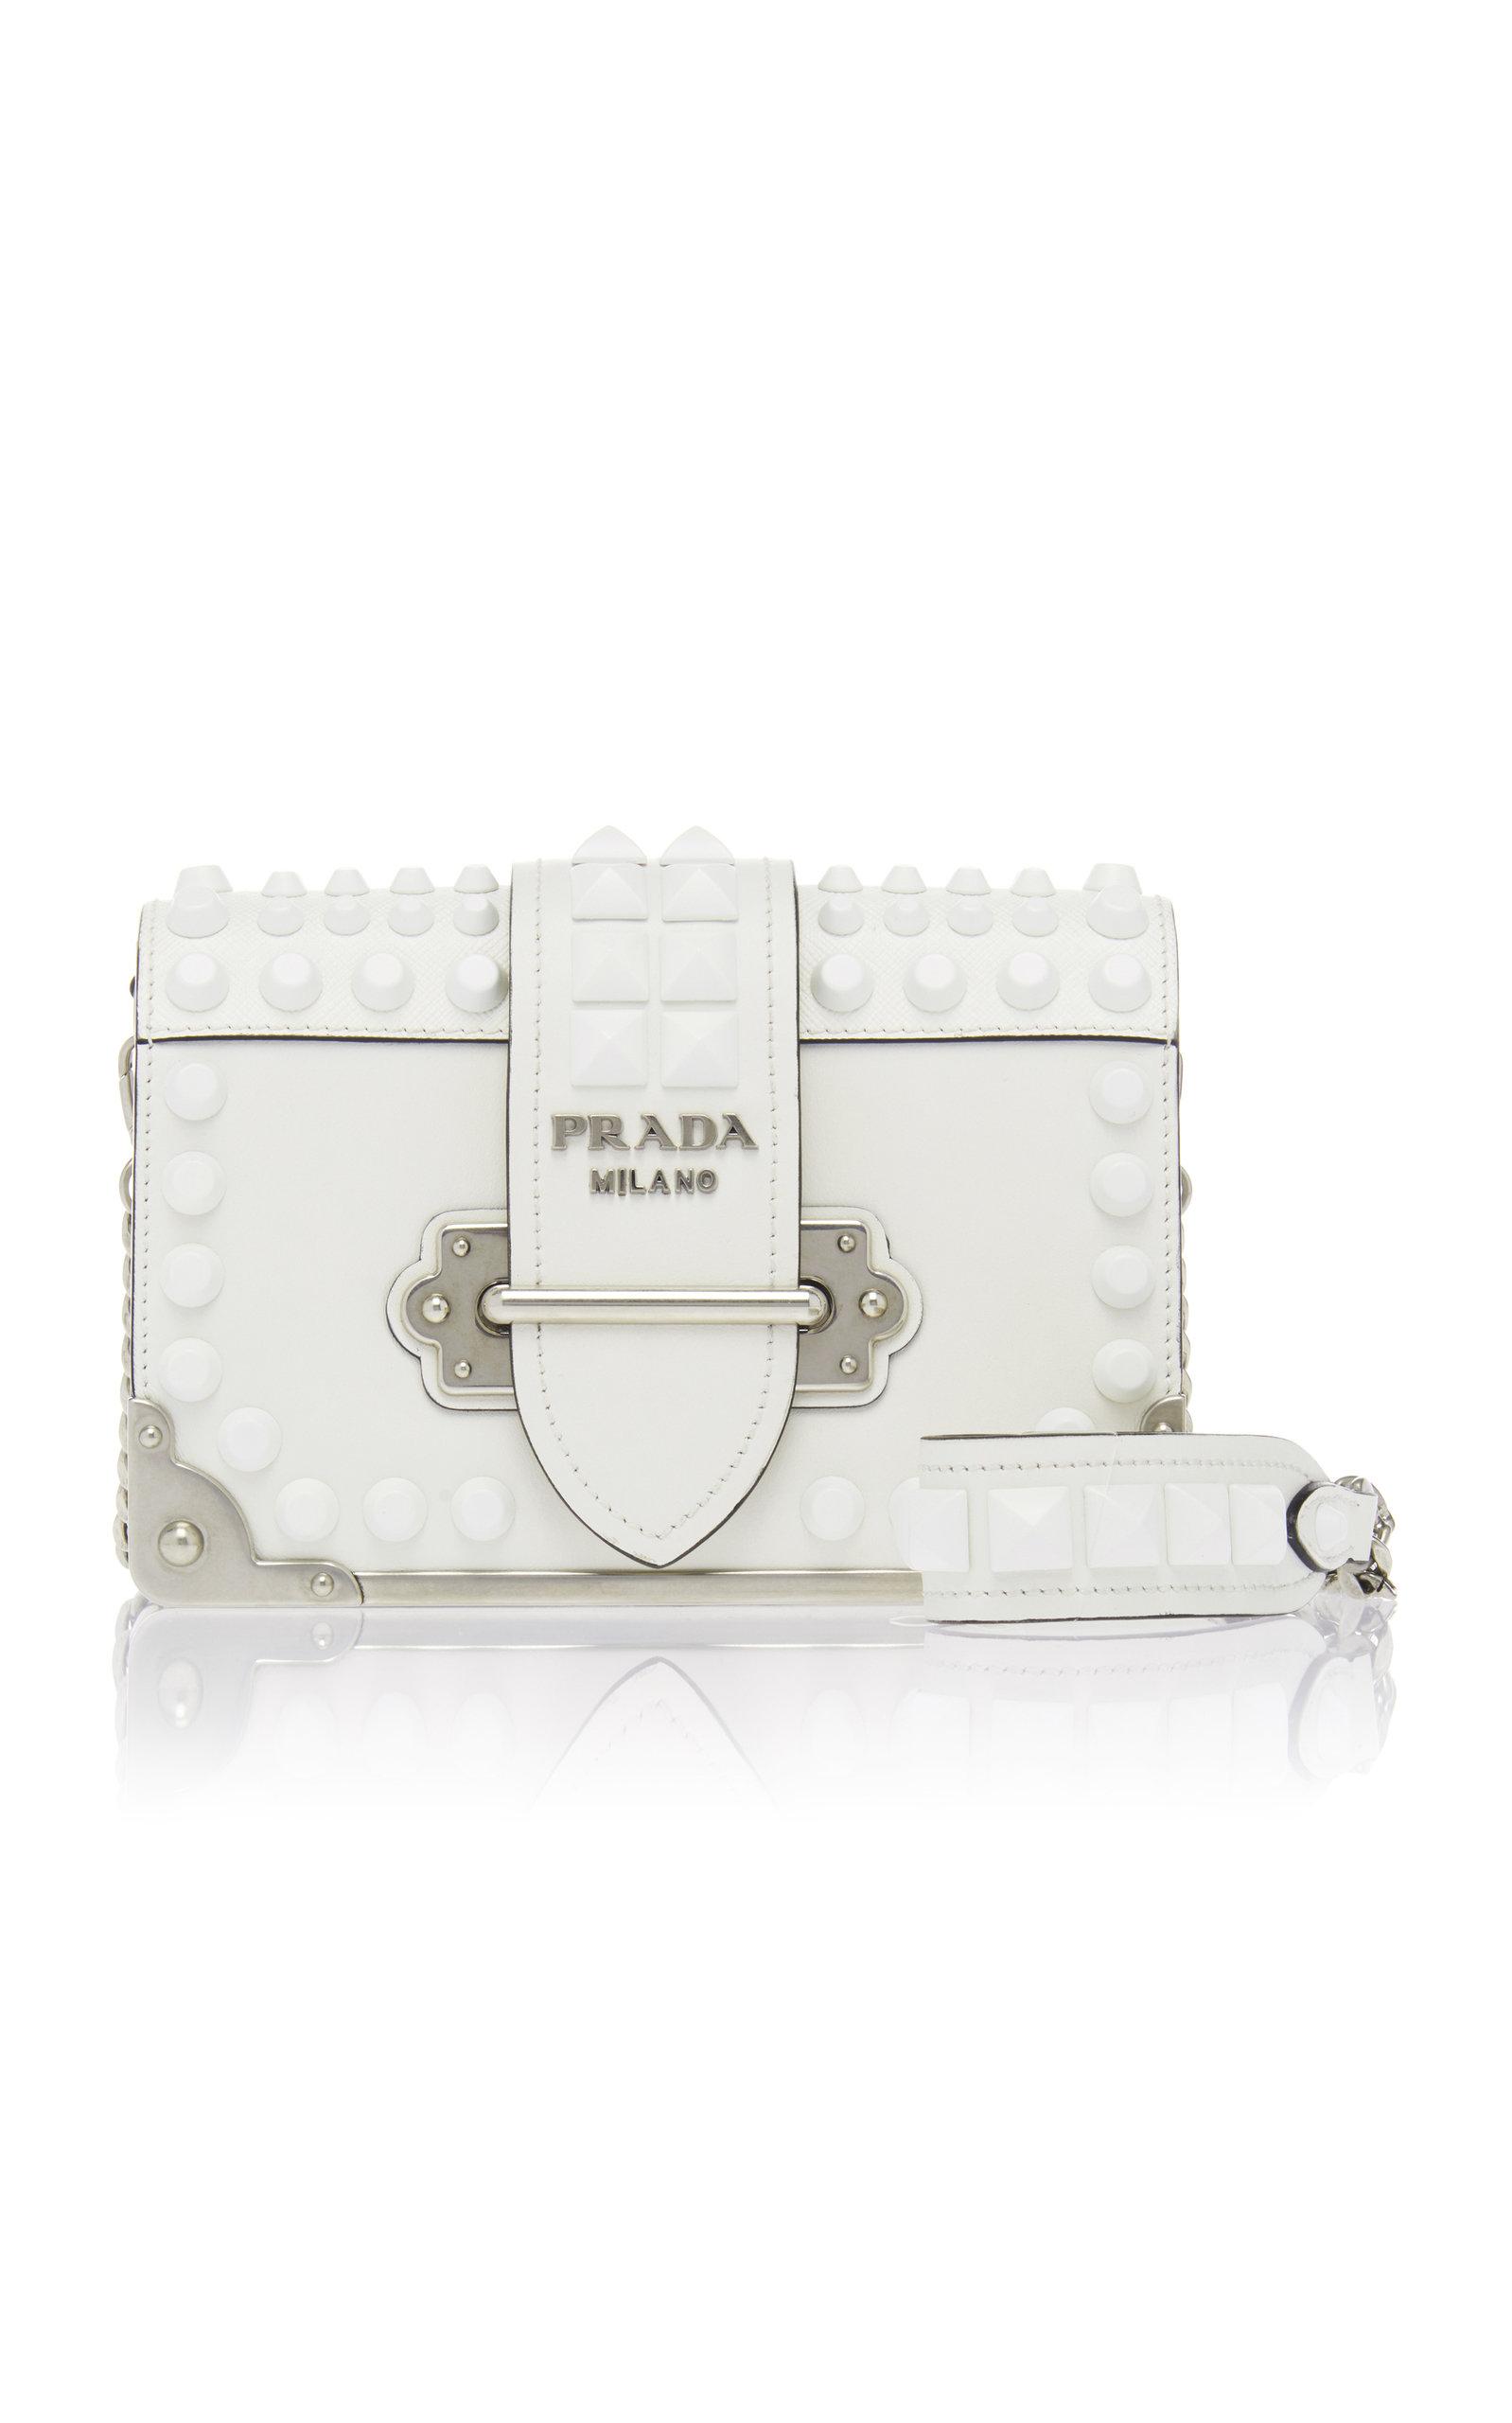 PradaEmbellished Cahier Leather Shoulder Bag. CLOSE. Loading fce563ec20e70